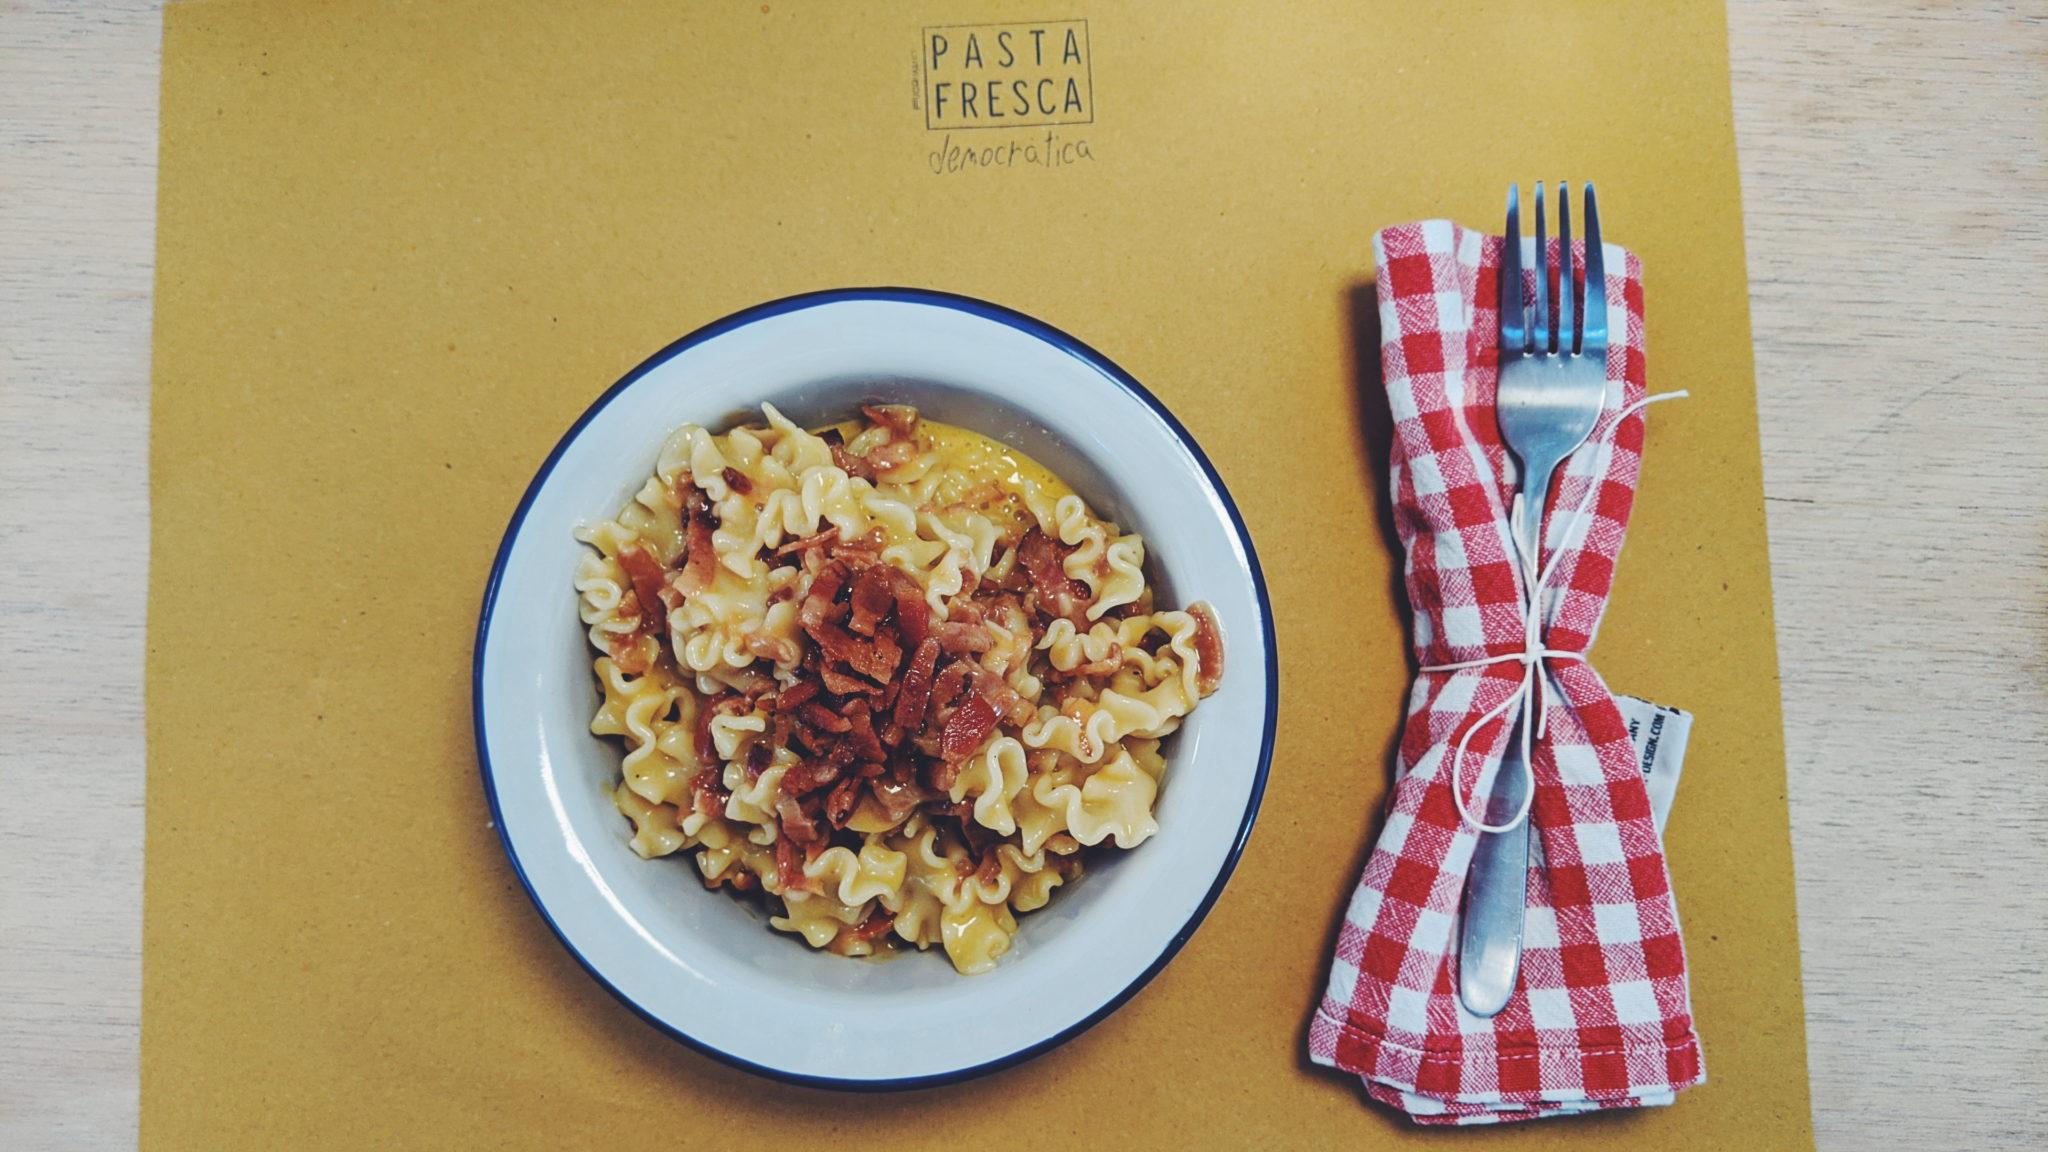 A Milano ha aperto un micro pastificio artigianale biologico con cucina e birrette artigianali: Pasta Fresca Democratica. Siamo andati ad assaggiare